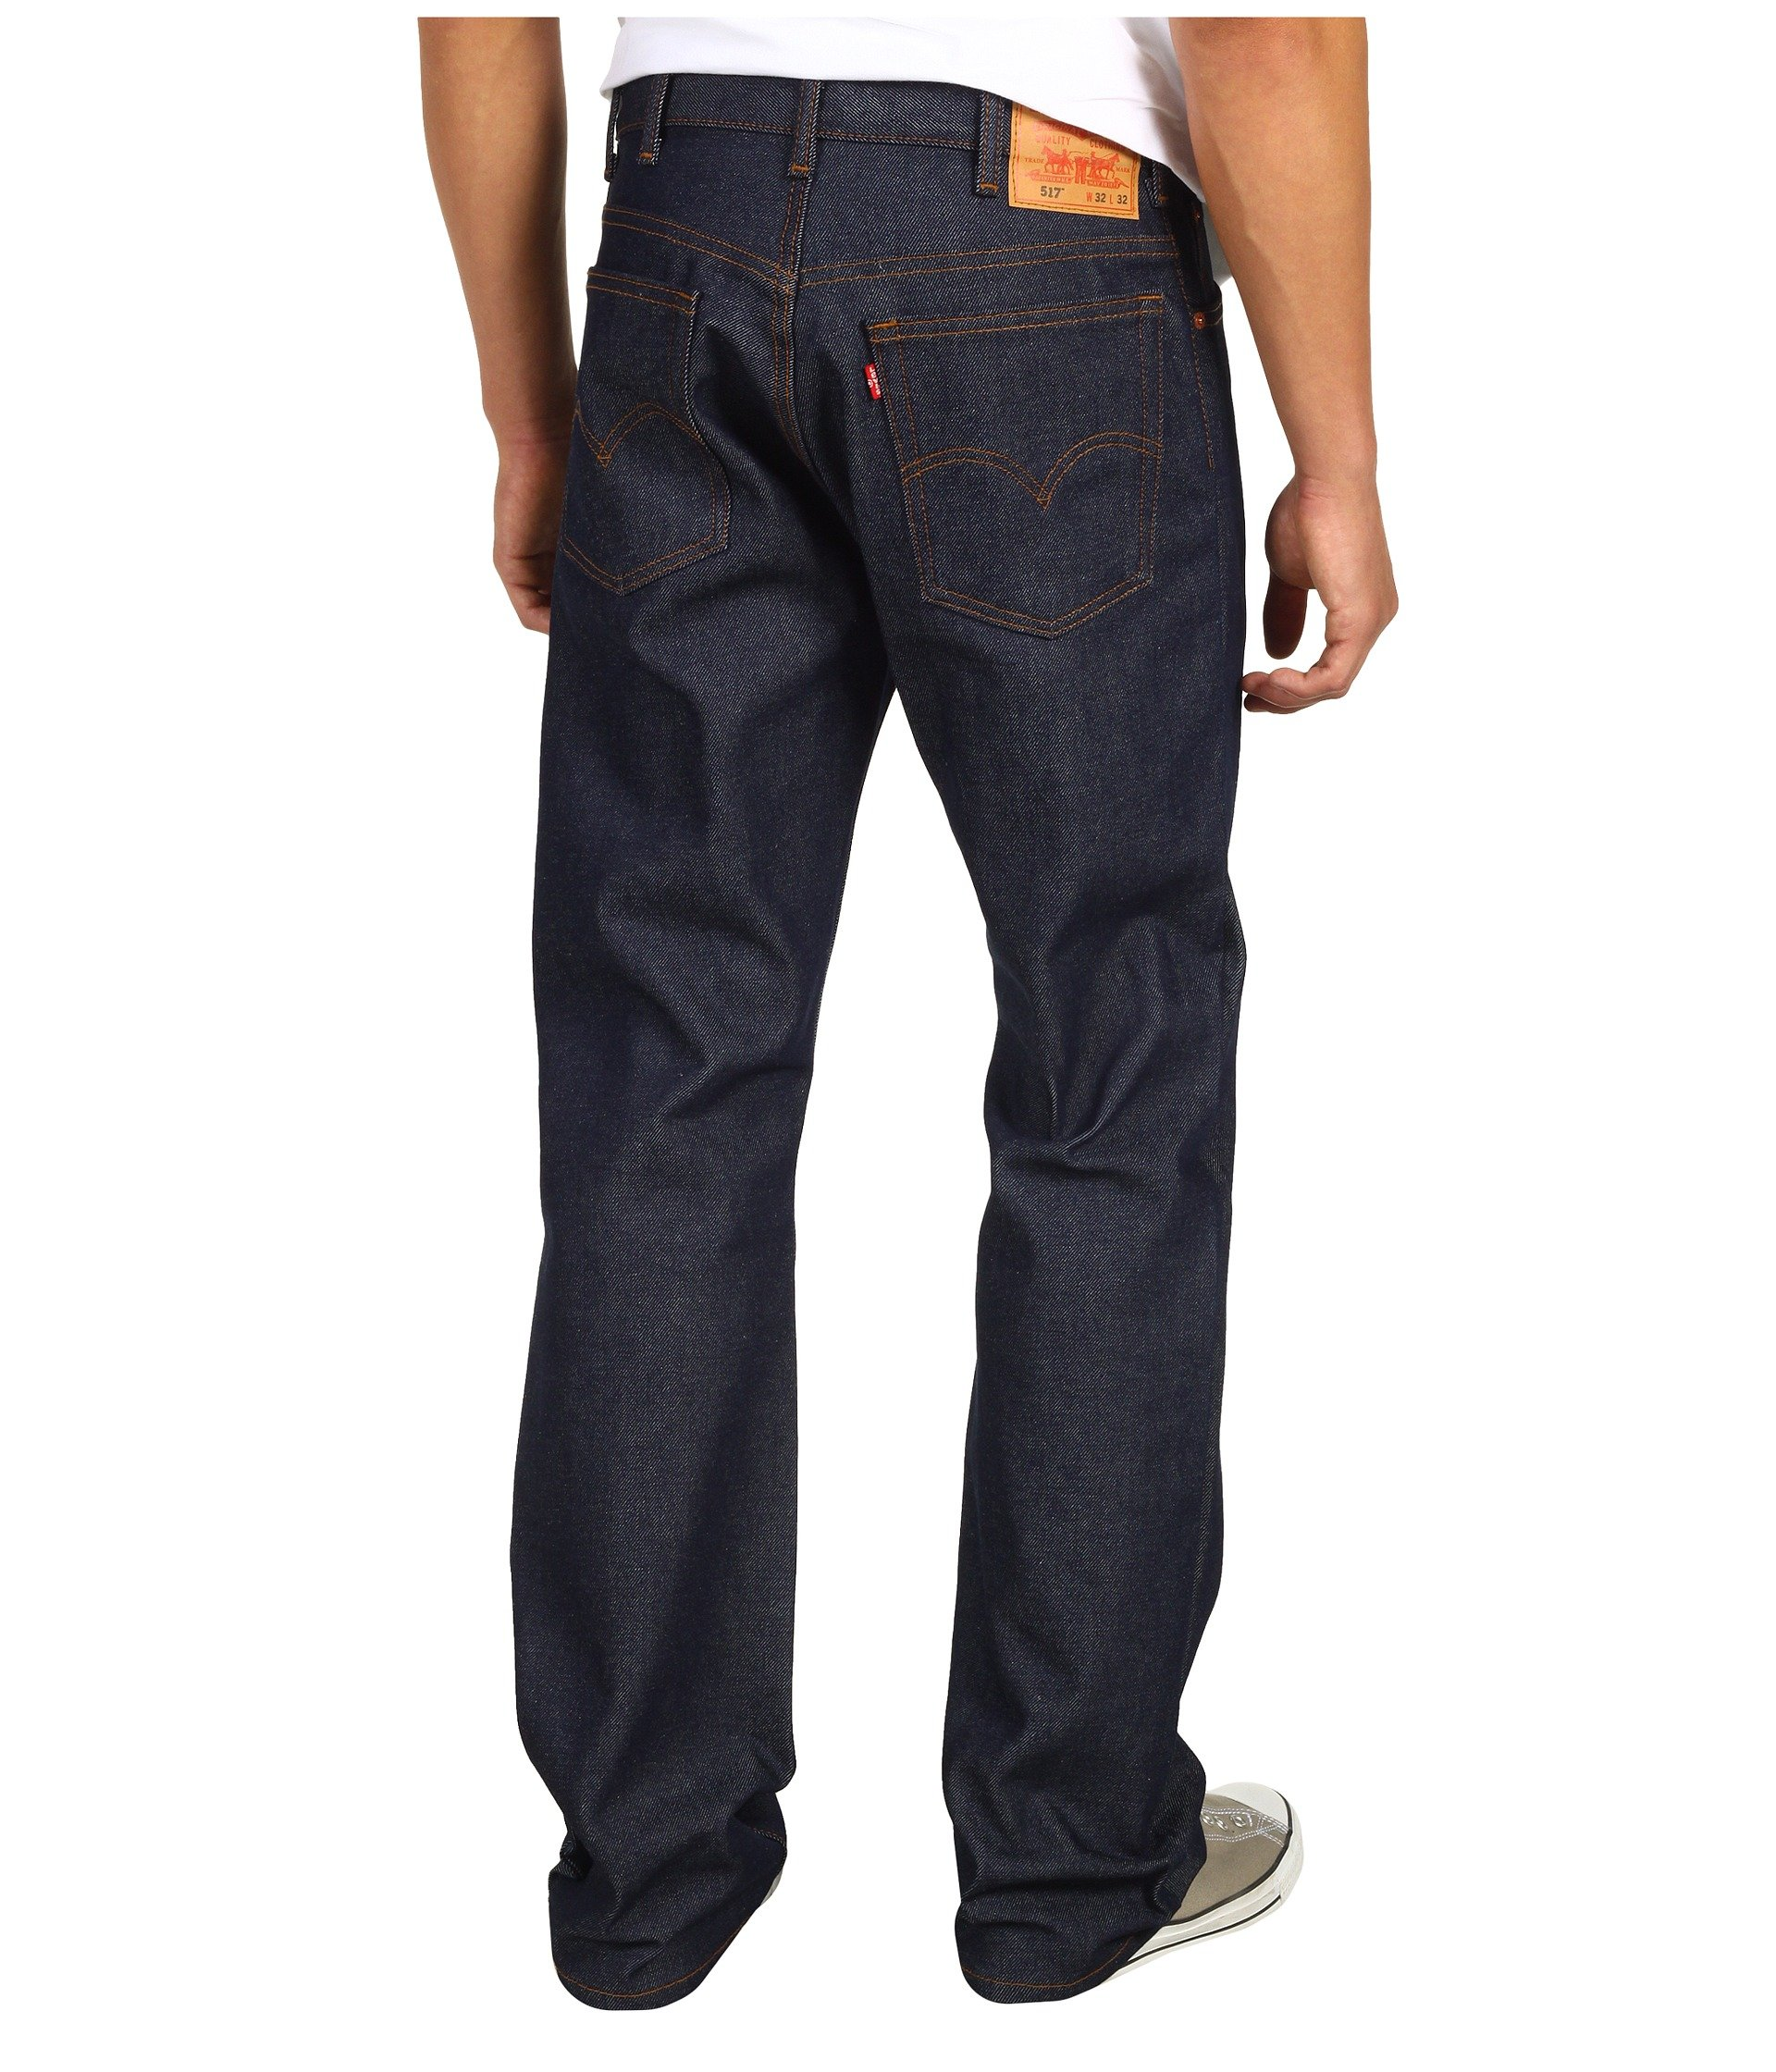 Mens Jeans 31 Waist 30 Leg